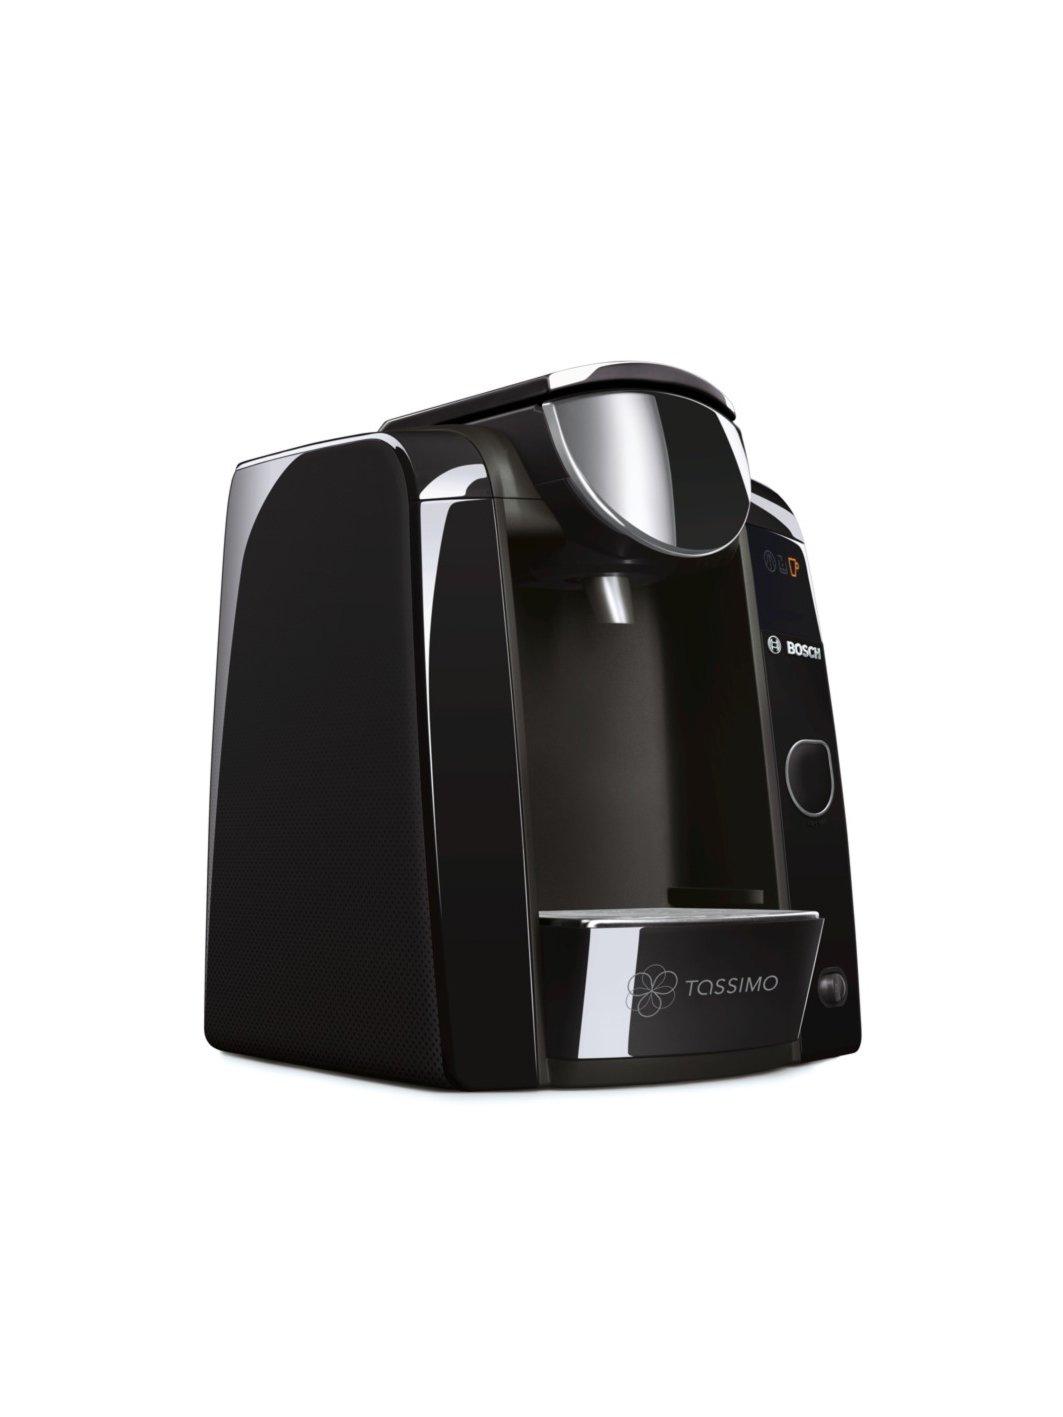 Bosch-TAS4501-Tassimo-Multi-Getrnke-kaffeeautomat-JOY-mit-Brita-Wasserfilter-Getrnkevielfalt-1-Knopf-Bedienung